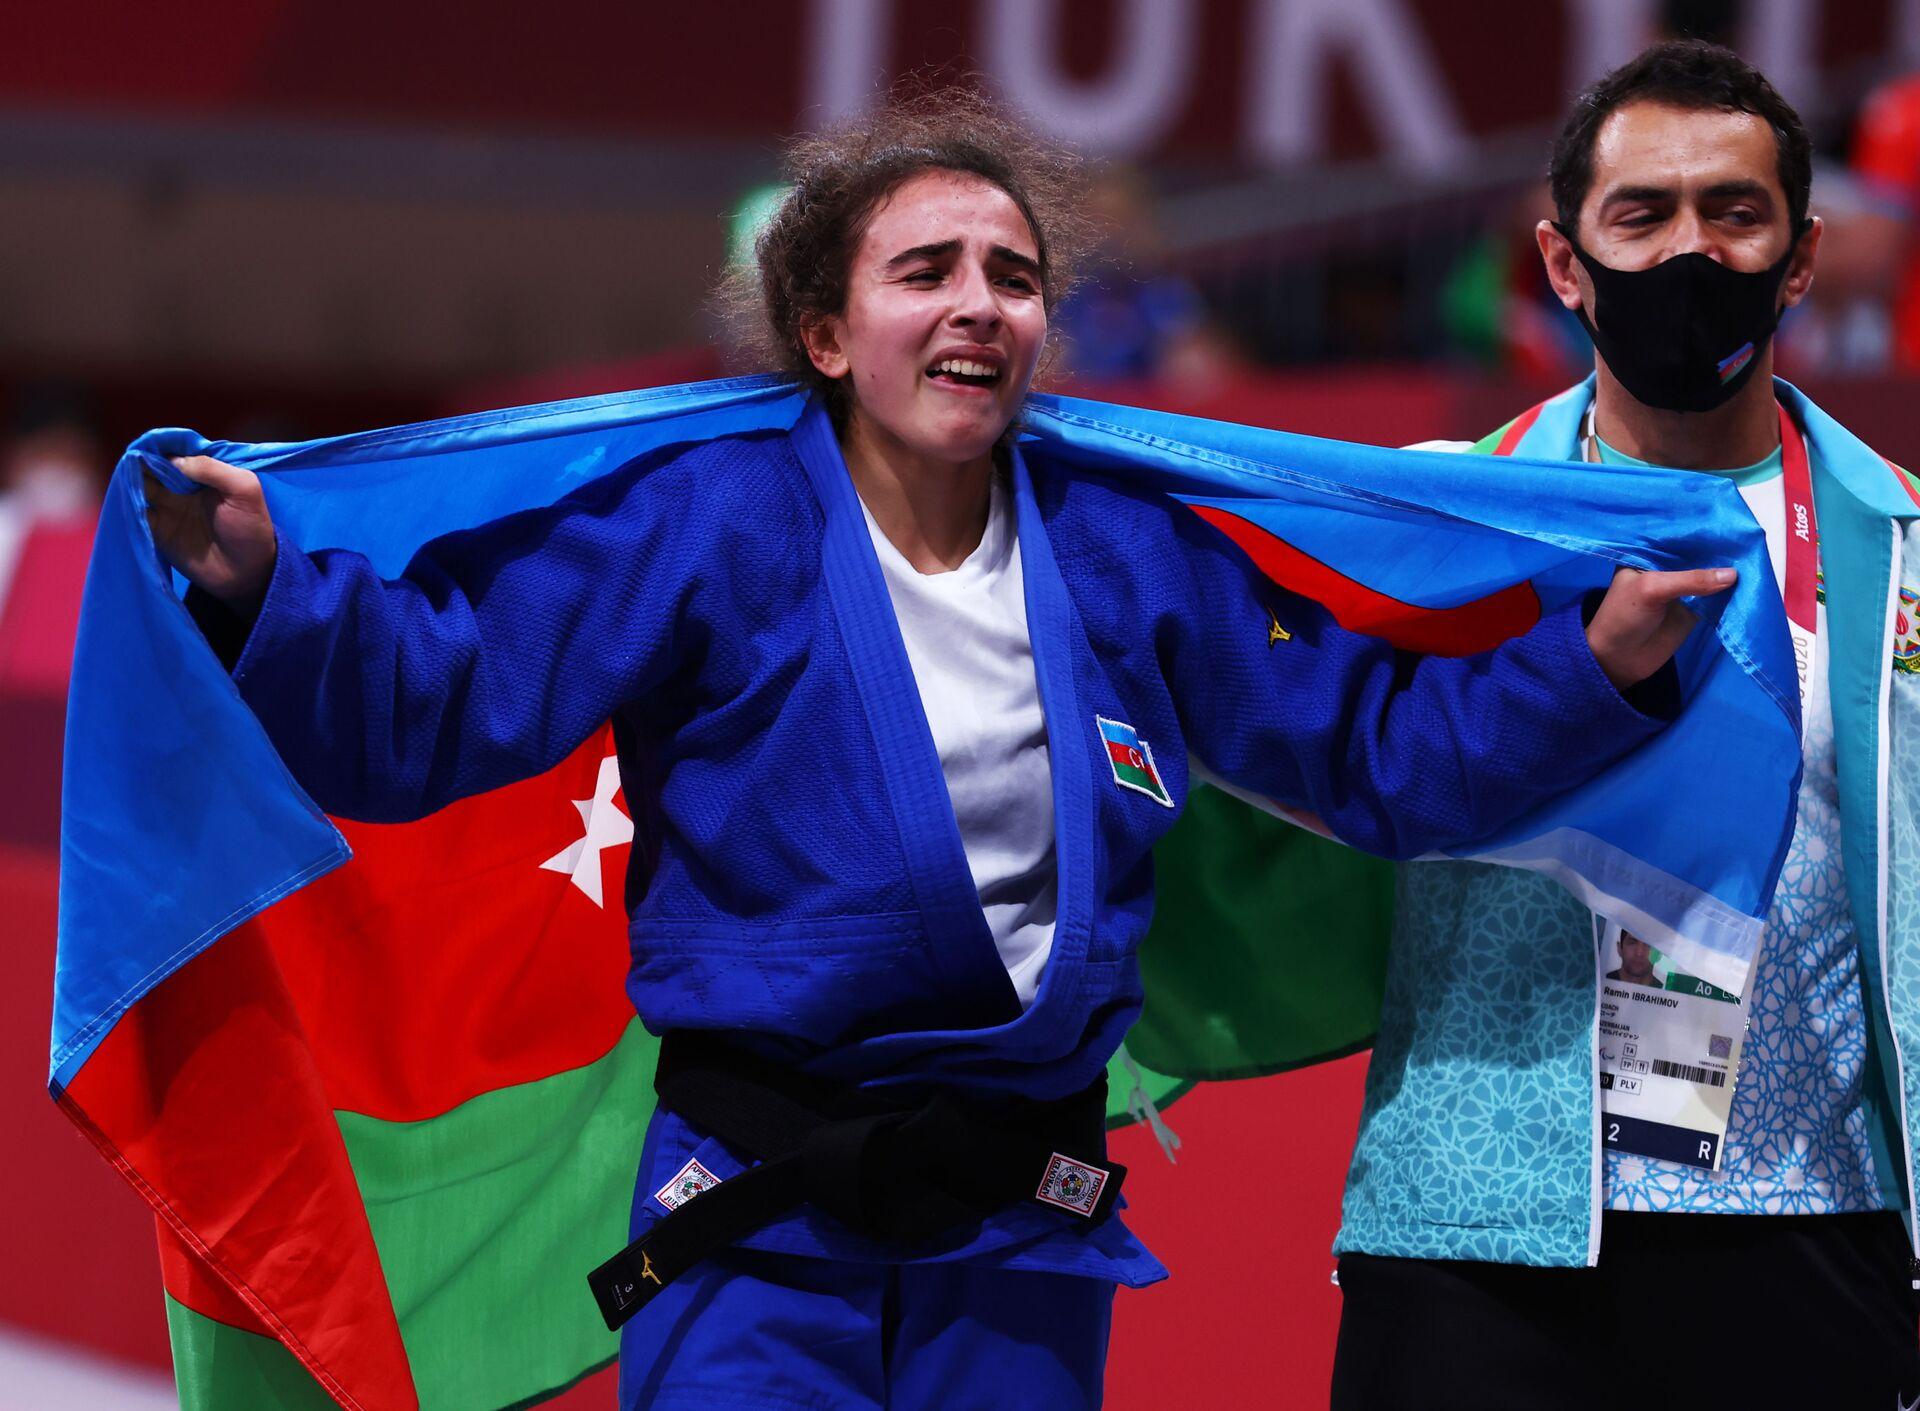 Азербайджанская дзюдоистка Шахана Гаджиева   - Sputnik Азербайджан, 1920, 01.10.2021